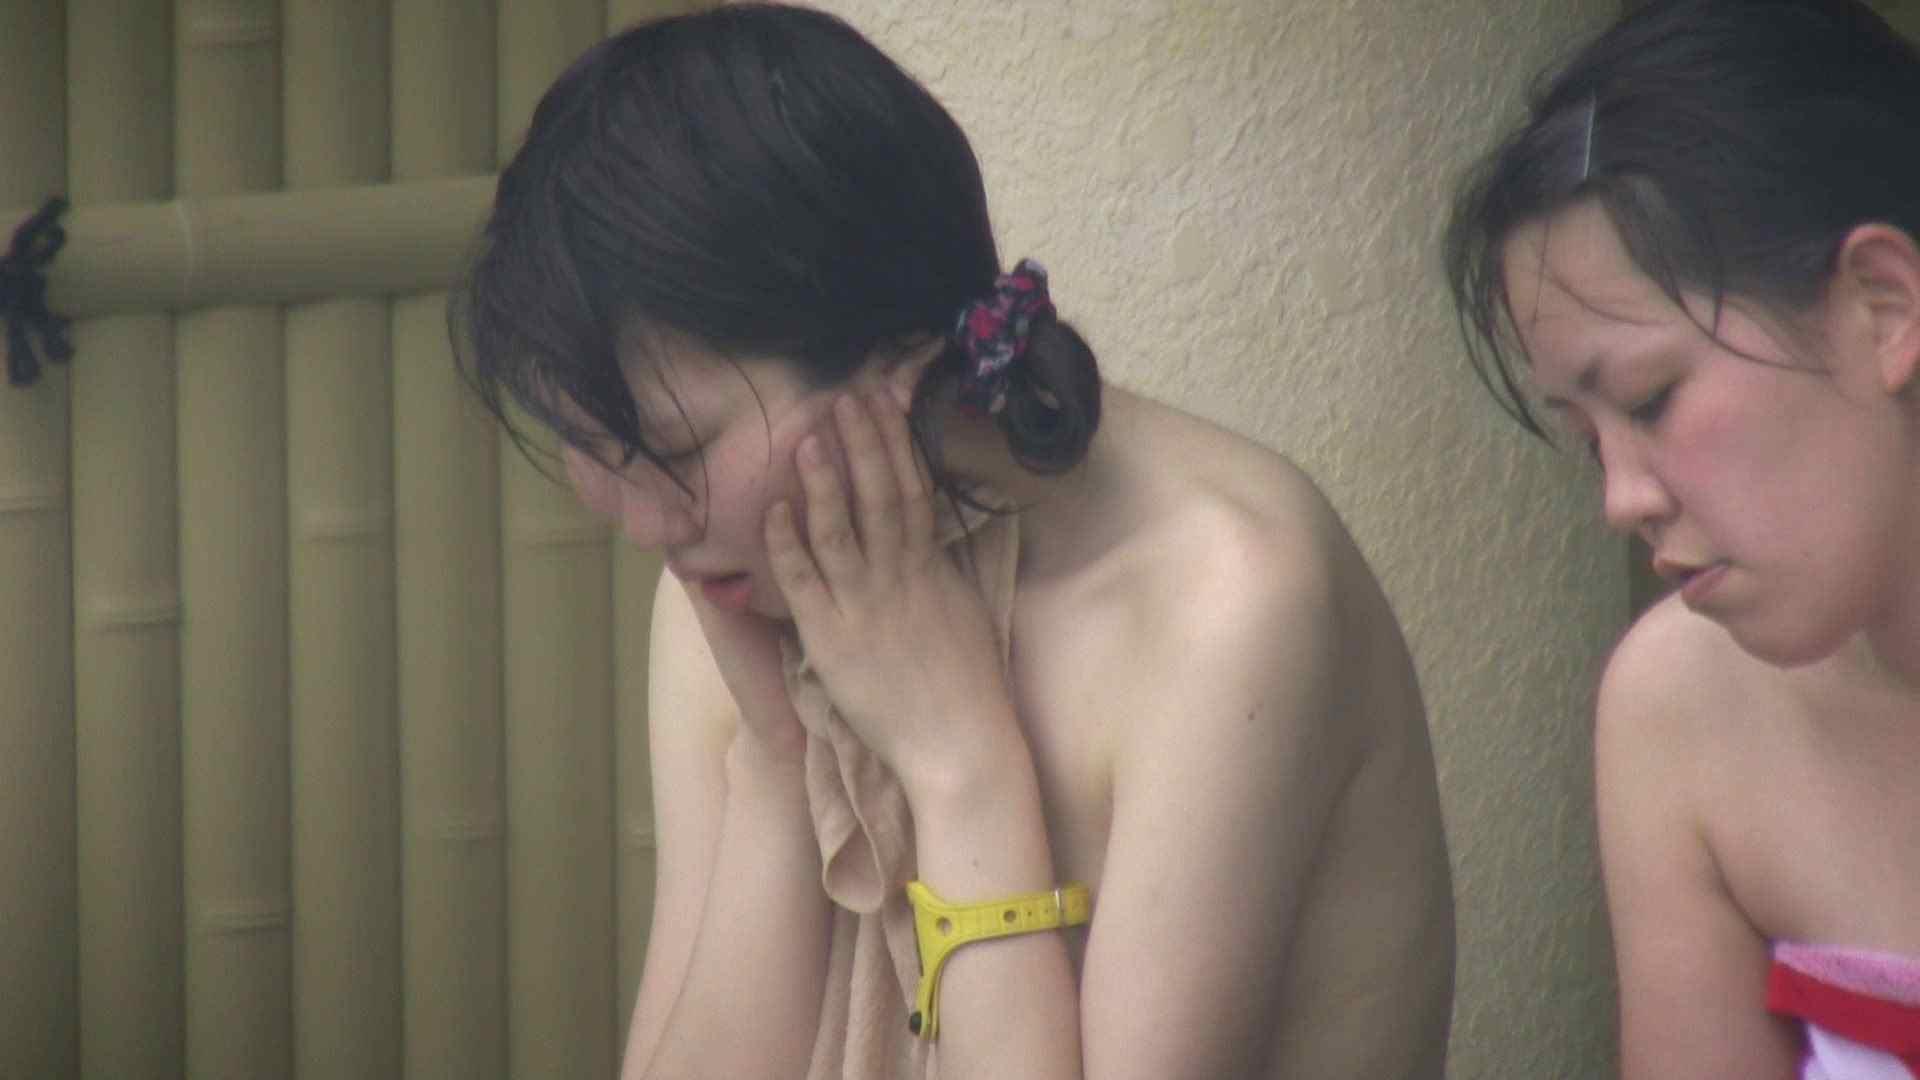 Aquaな露天風呂Vol.128 OLハメ撮り  113Pix 105